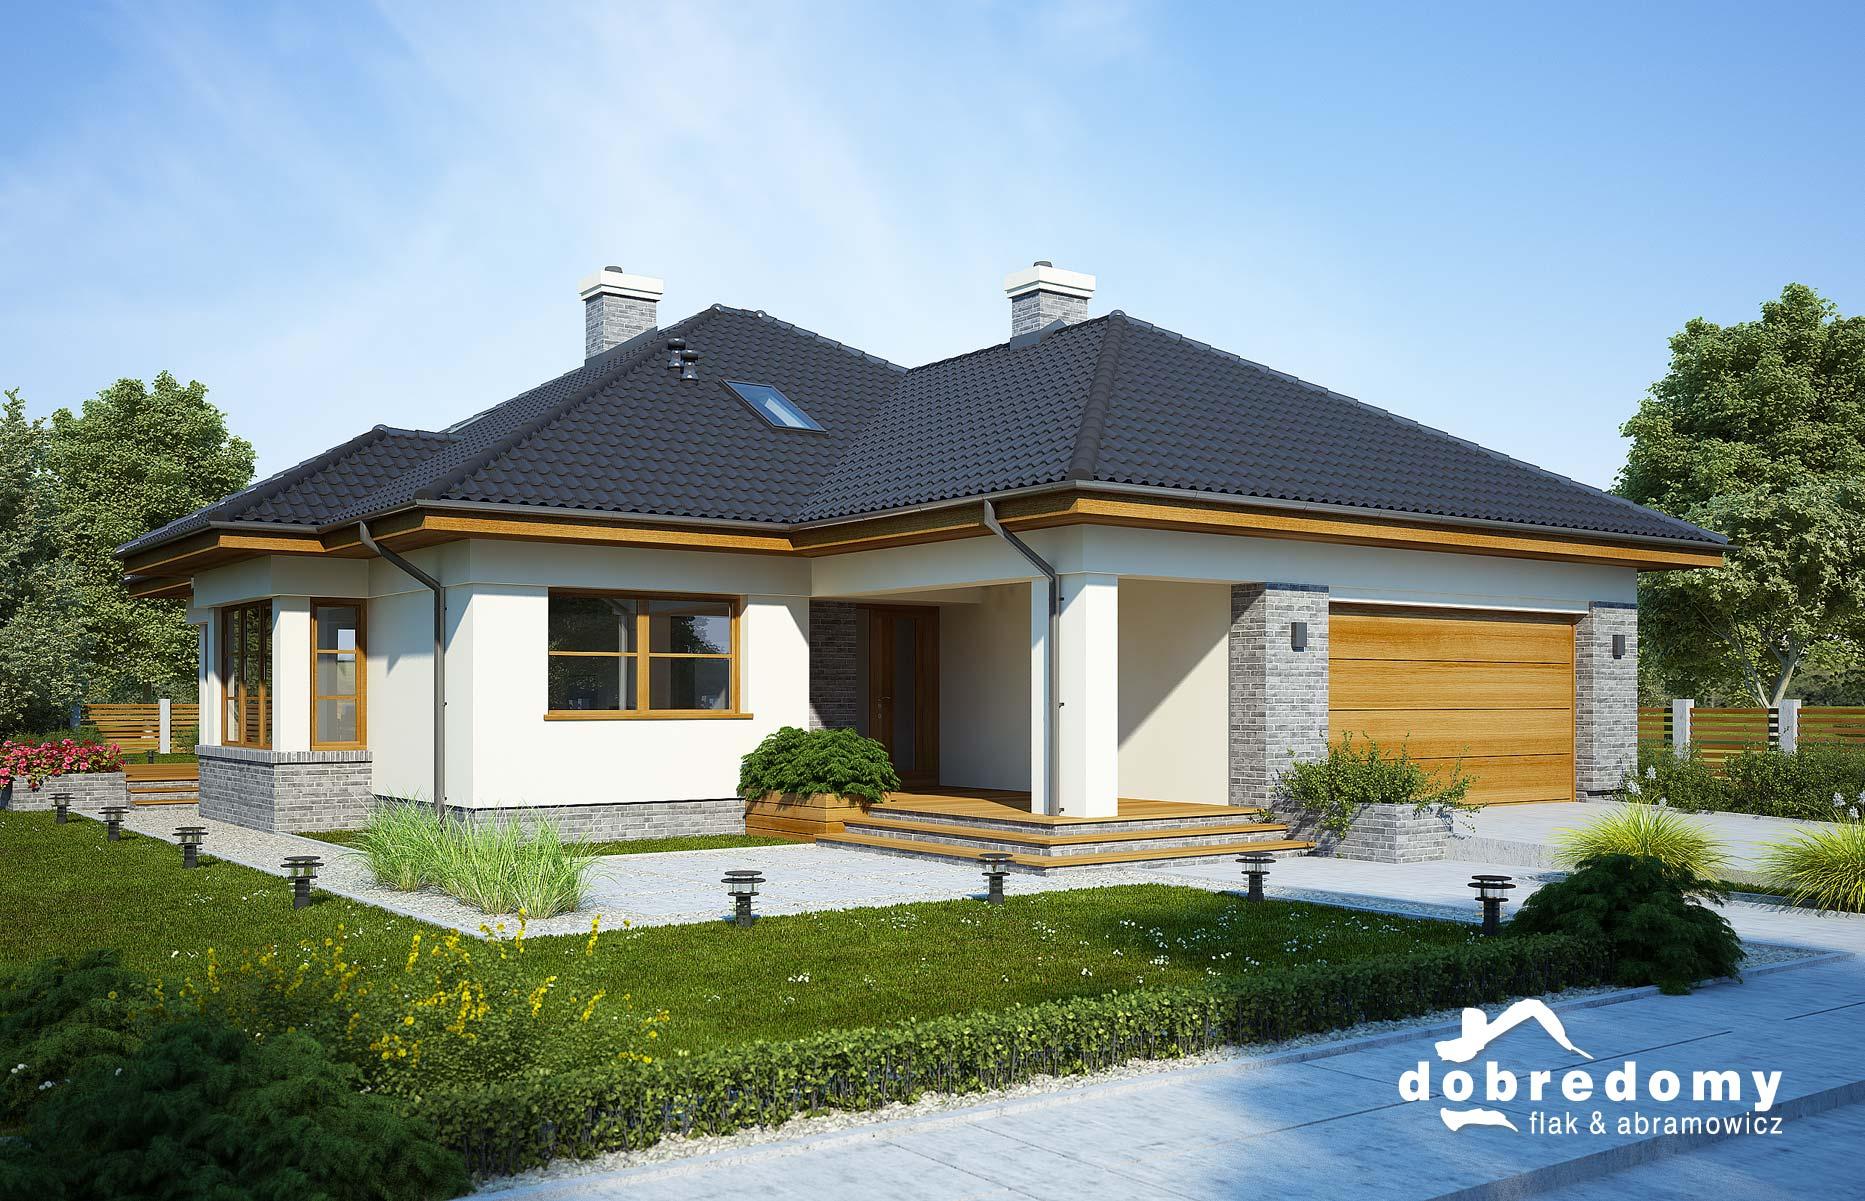 Nowe projekty domów parterowych pracowni Dobre Domy